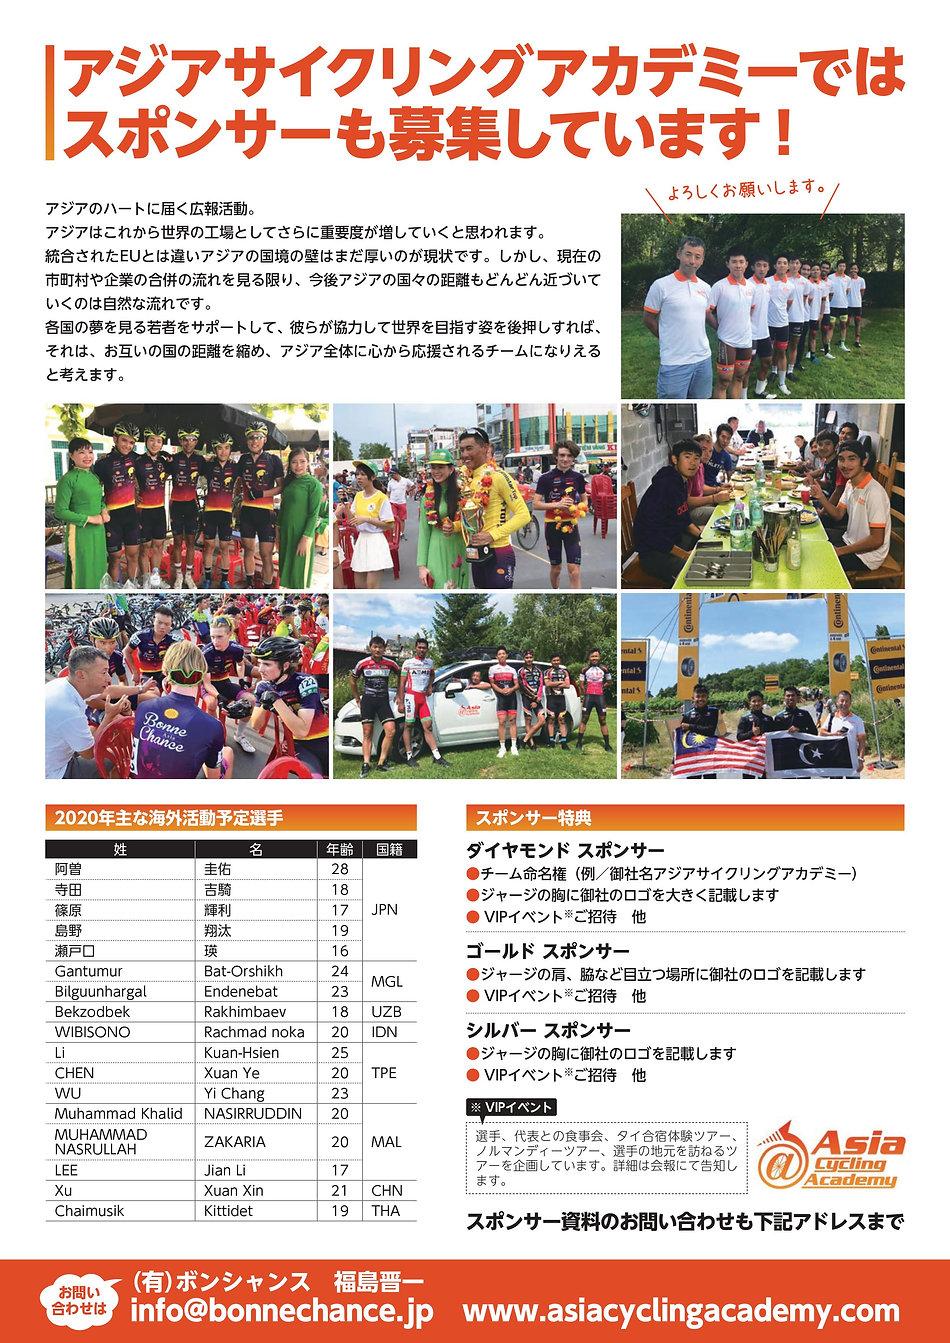 Su_jp02.jpg